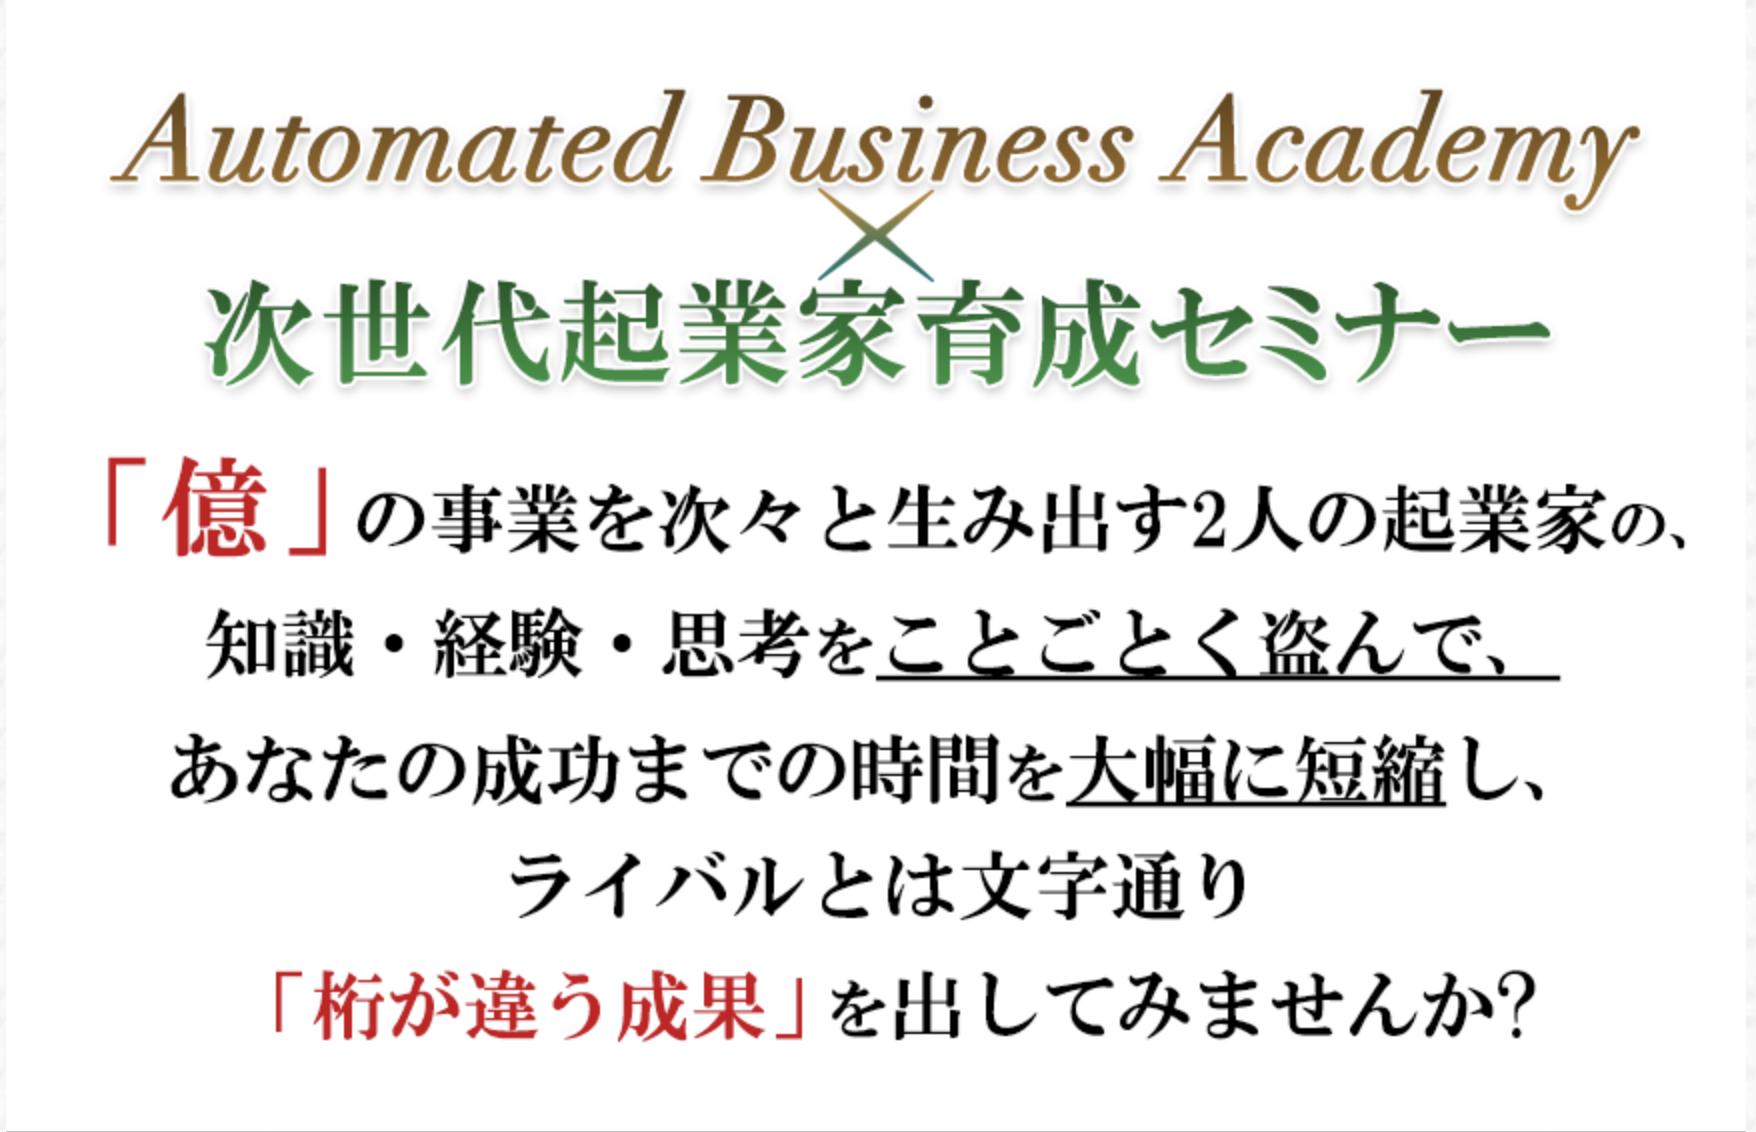 濱田大輔(だいぽん)のABA(Automated Business Academy)の購入レビュー